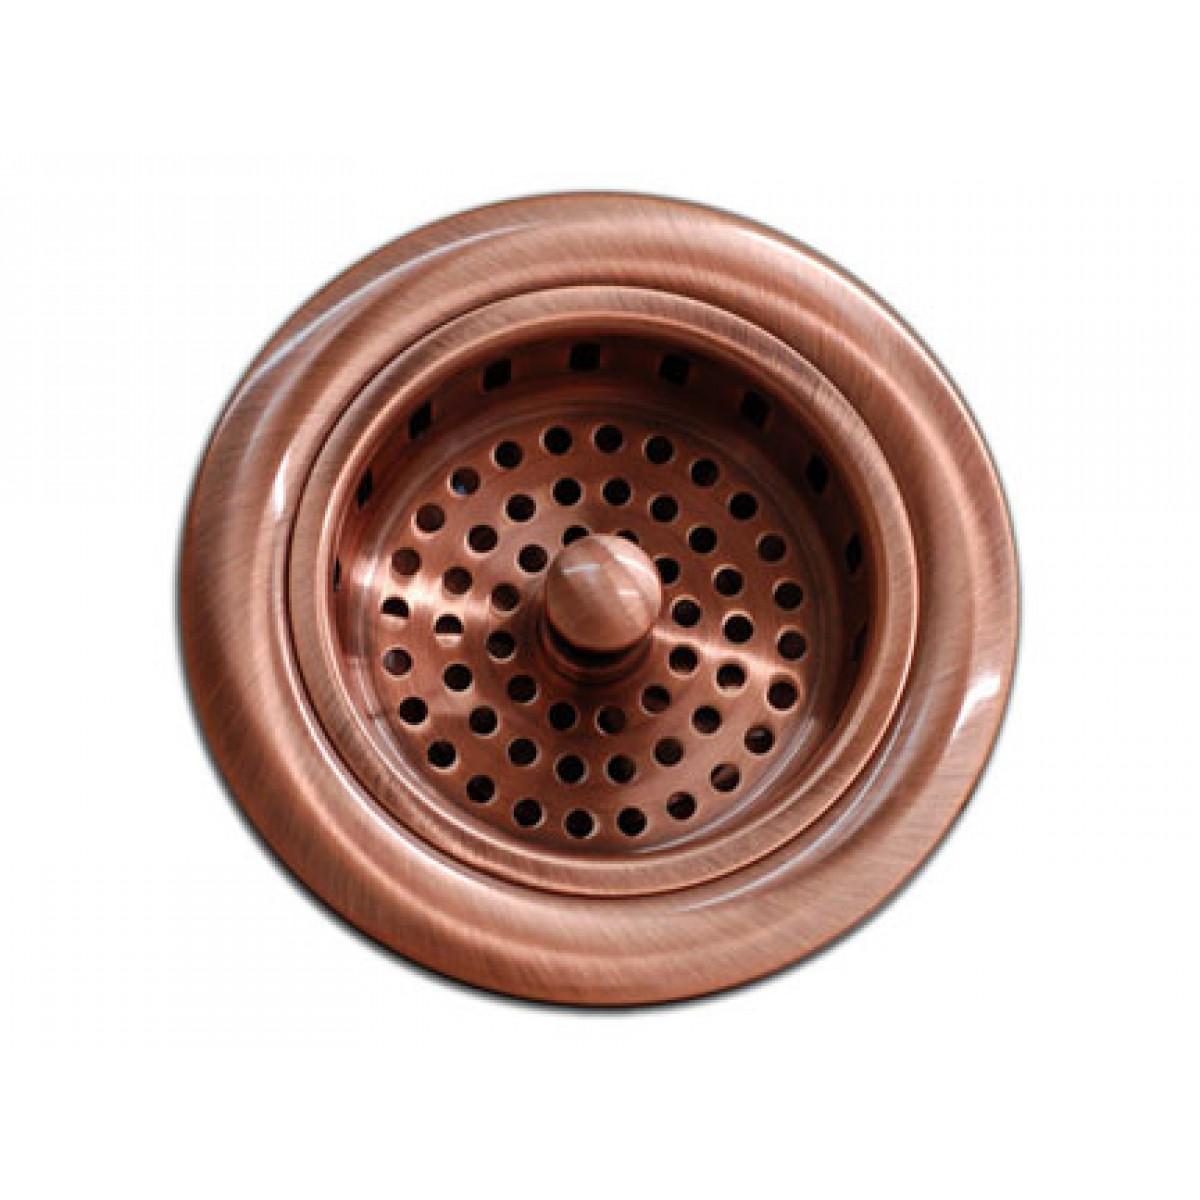 Kitchen / Bar Copper Sink Basket Strainer 3.5-inch